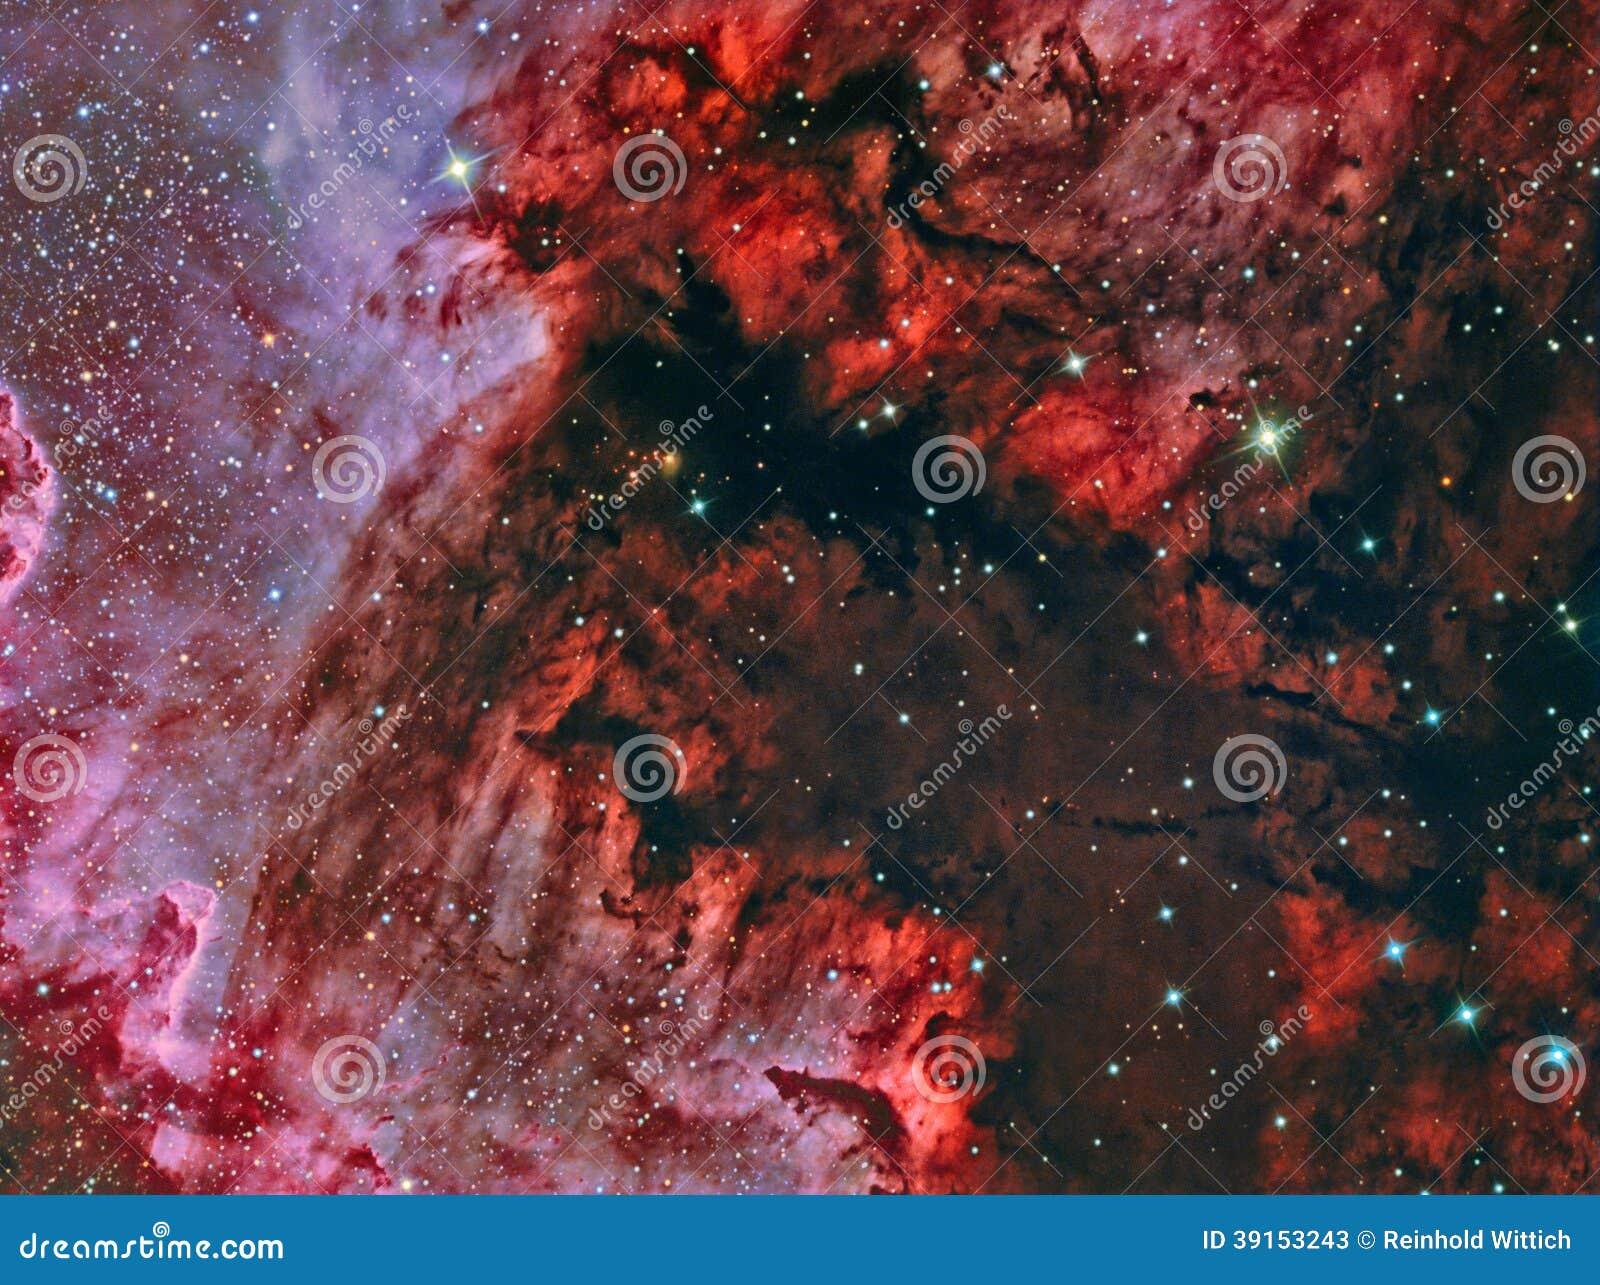 Мексиканский залив в межзвёздном облаке NGC 7000 Северной Америки